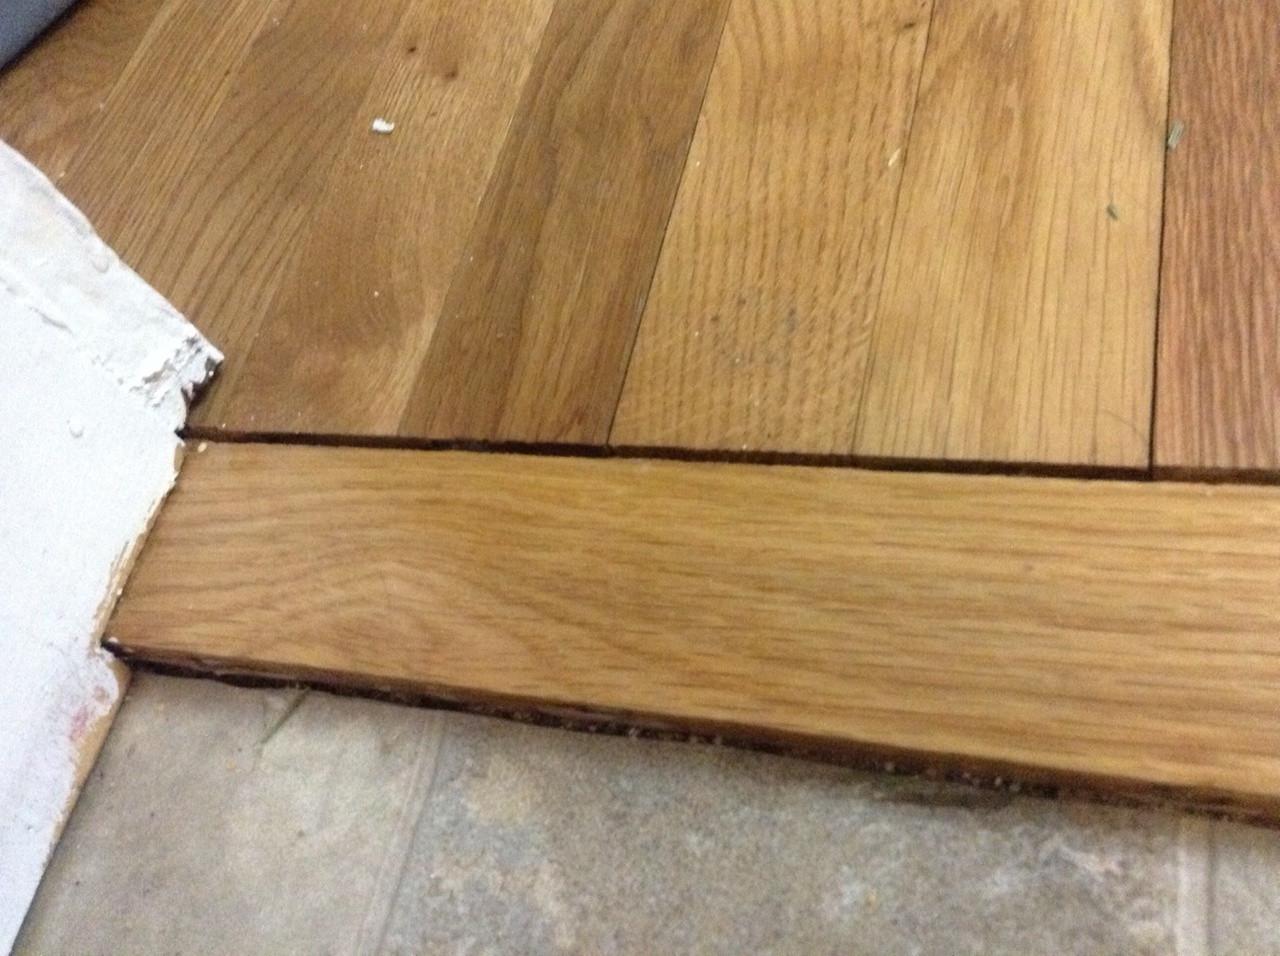 seal hardwood floor gaps of wood floor techniques 101 regarding gap shrinkage cork